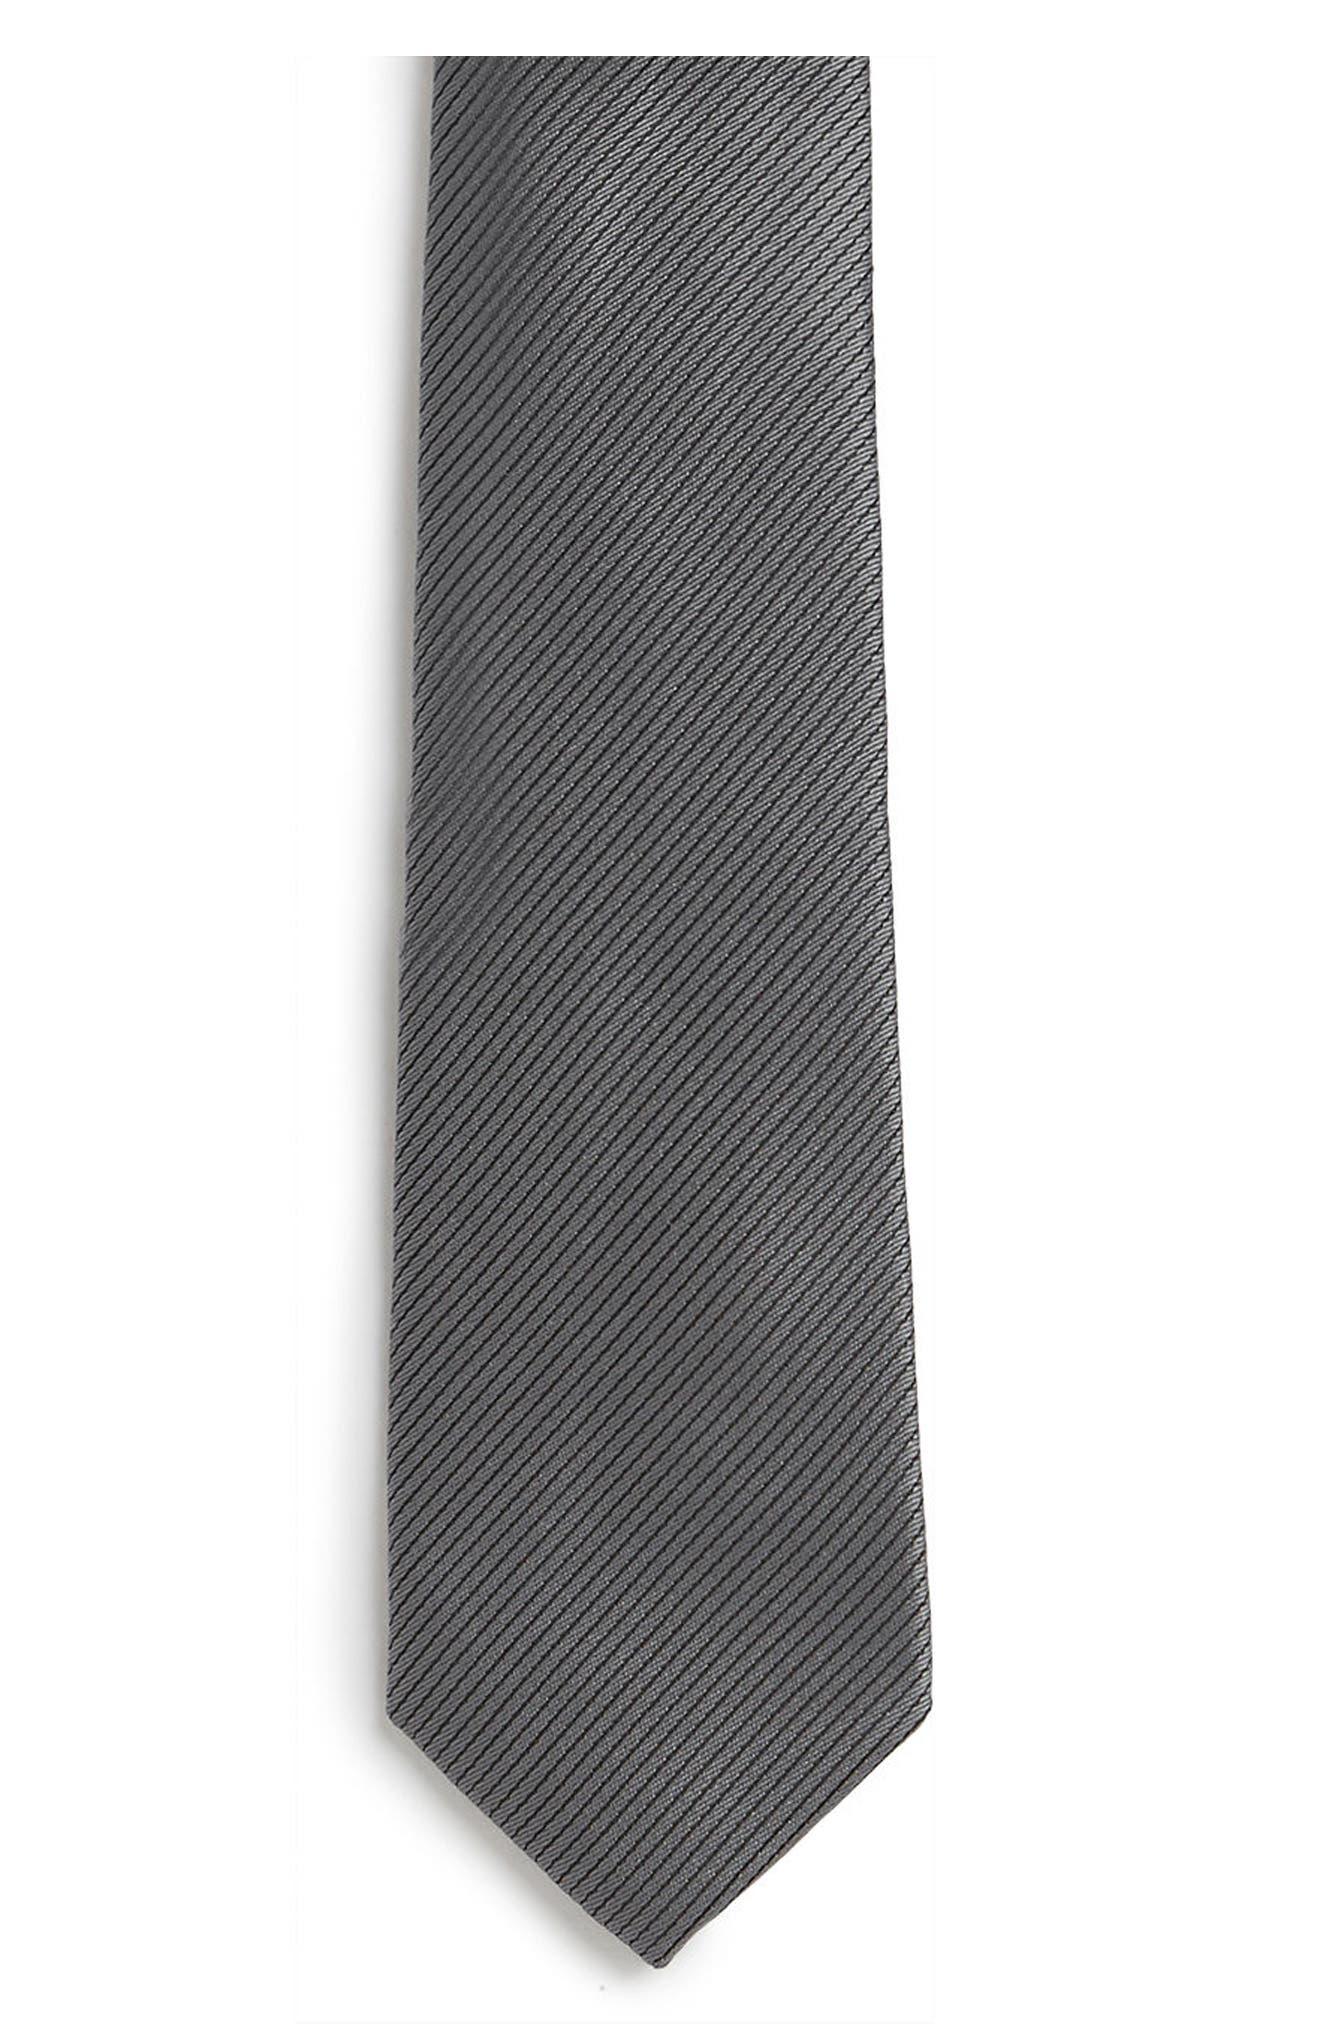 Slim Stripe Tie,                             Alternate thumbnail 2, color,                             021